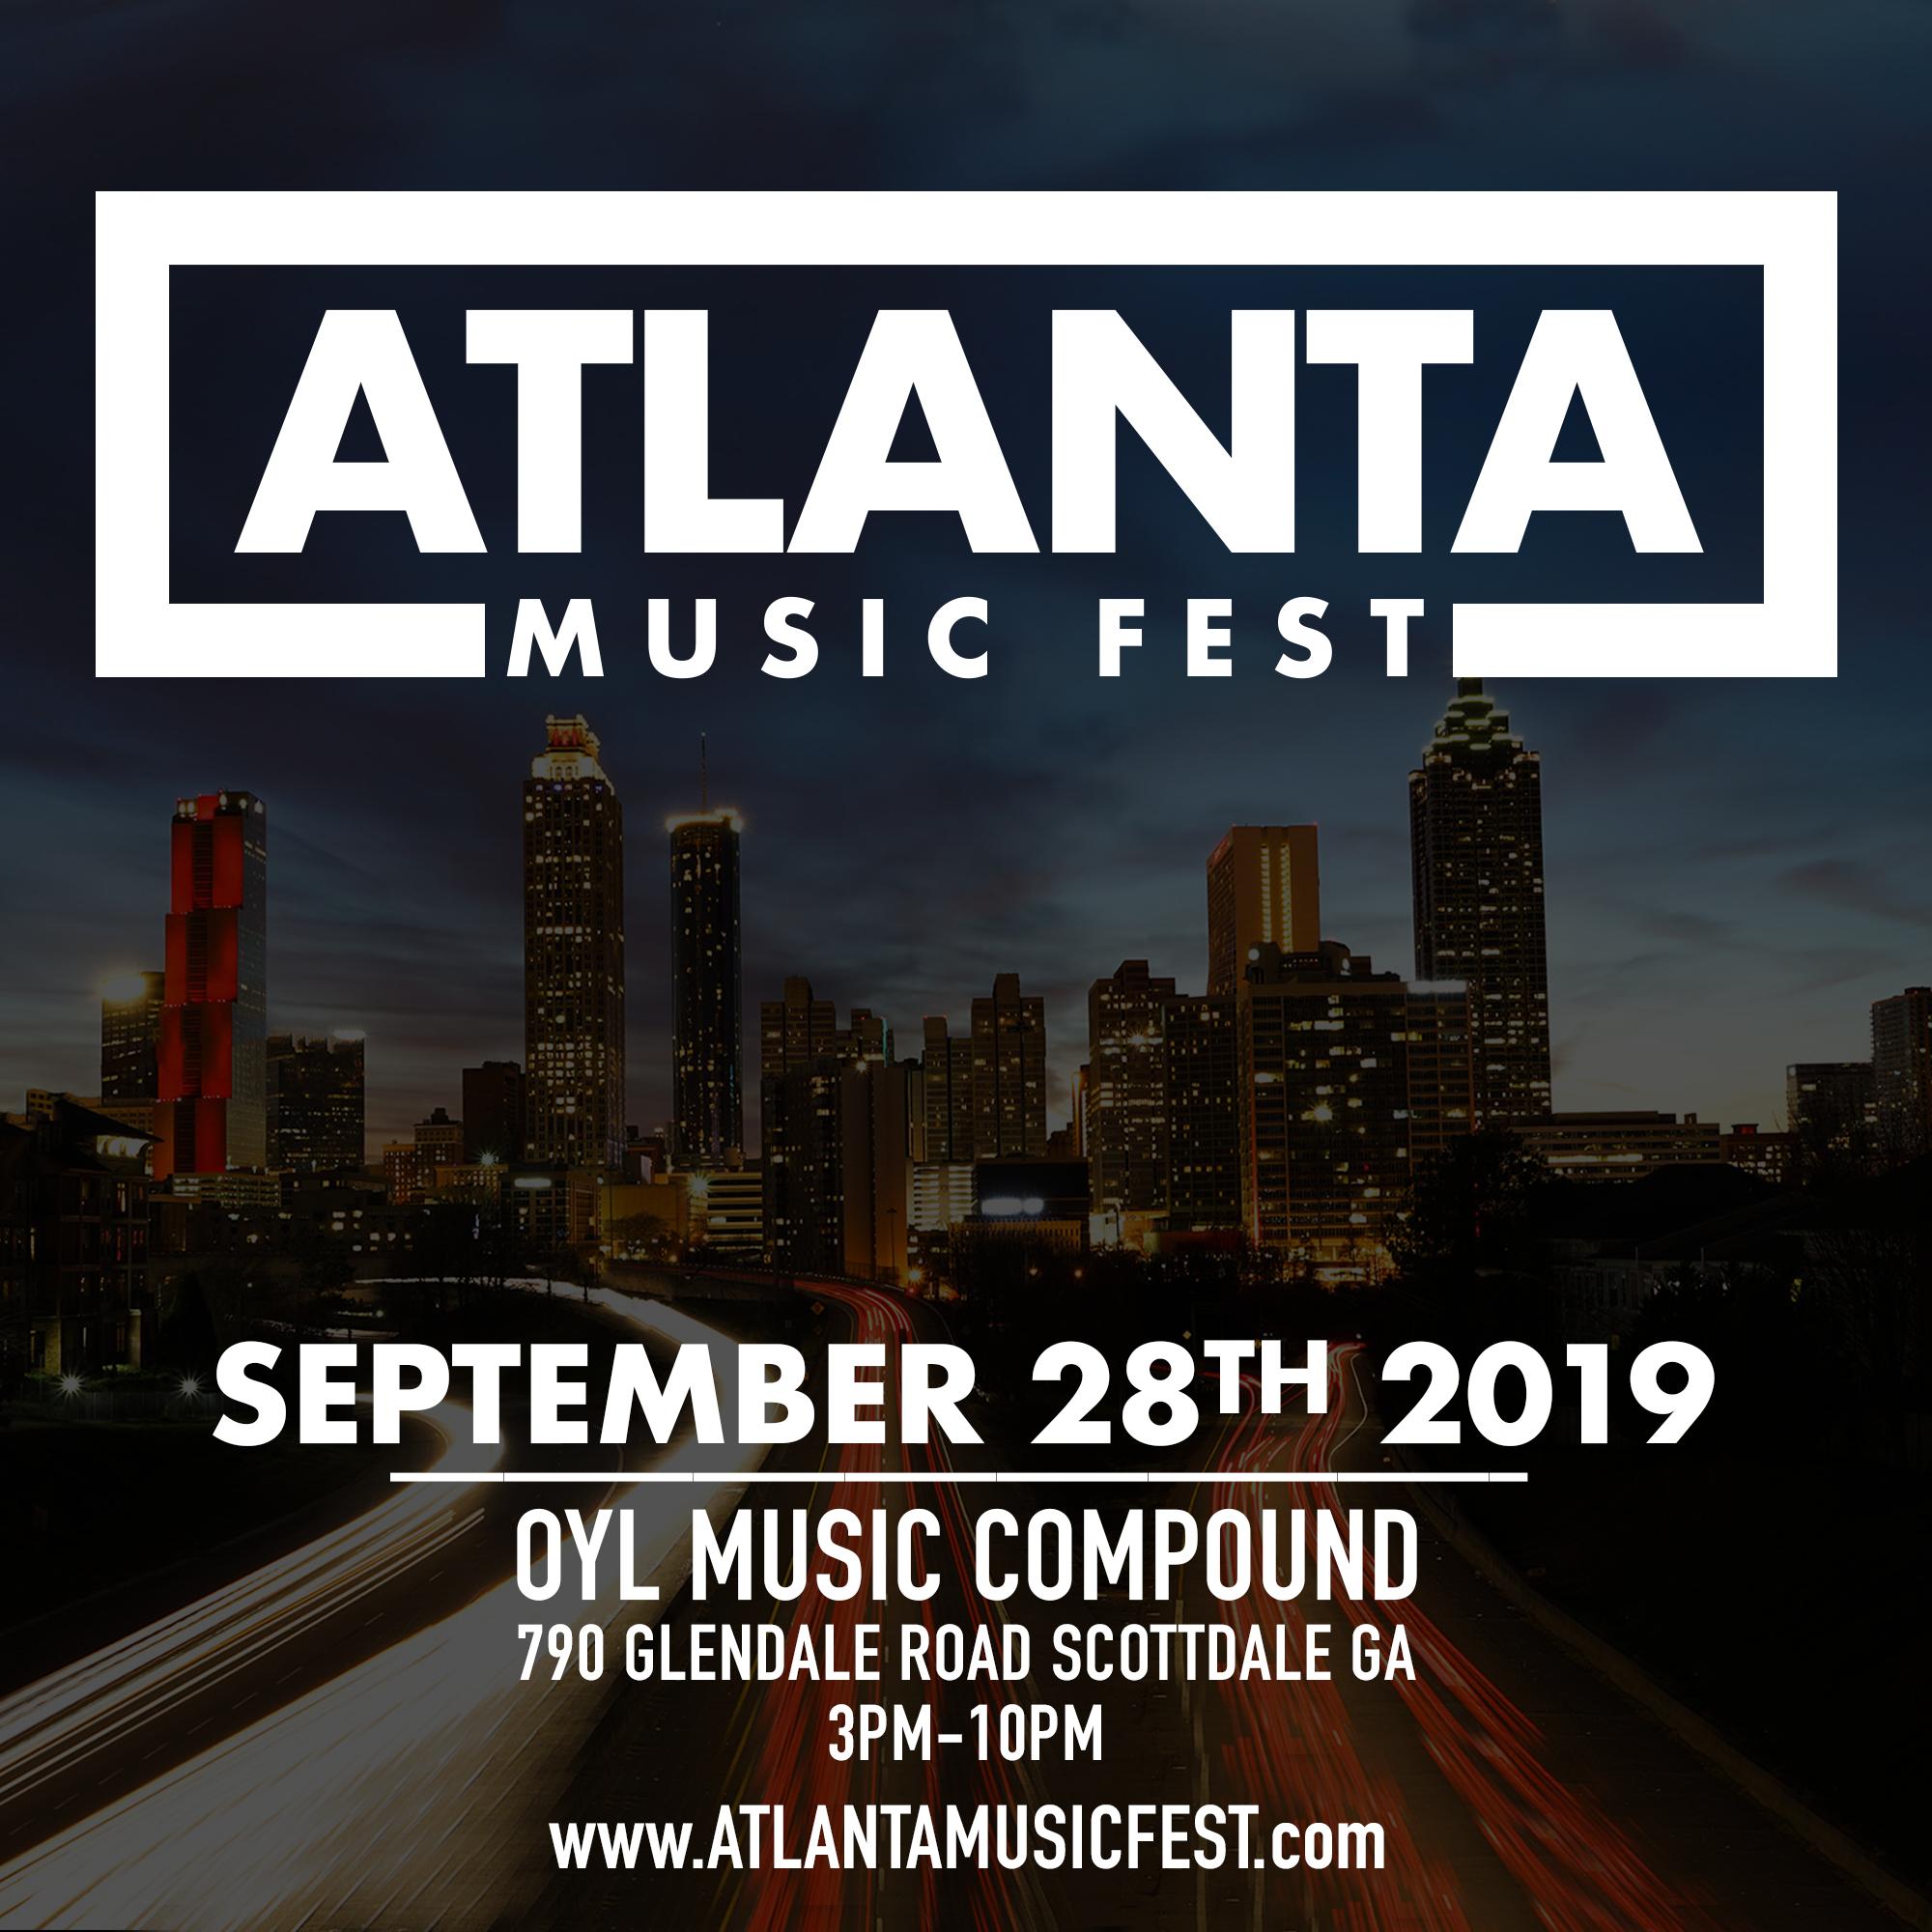 Atlanta Music Fest 00 f.png